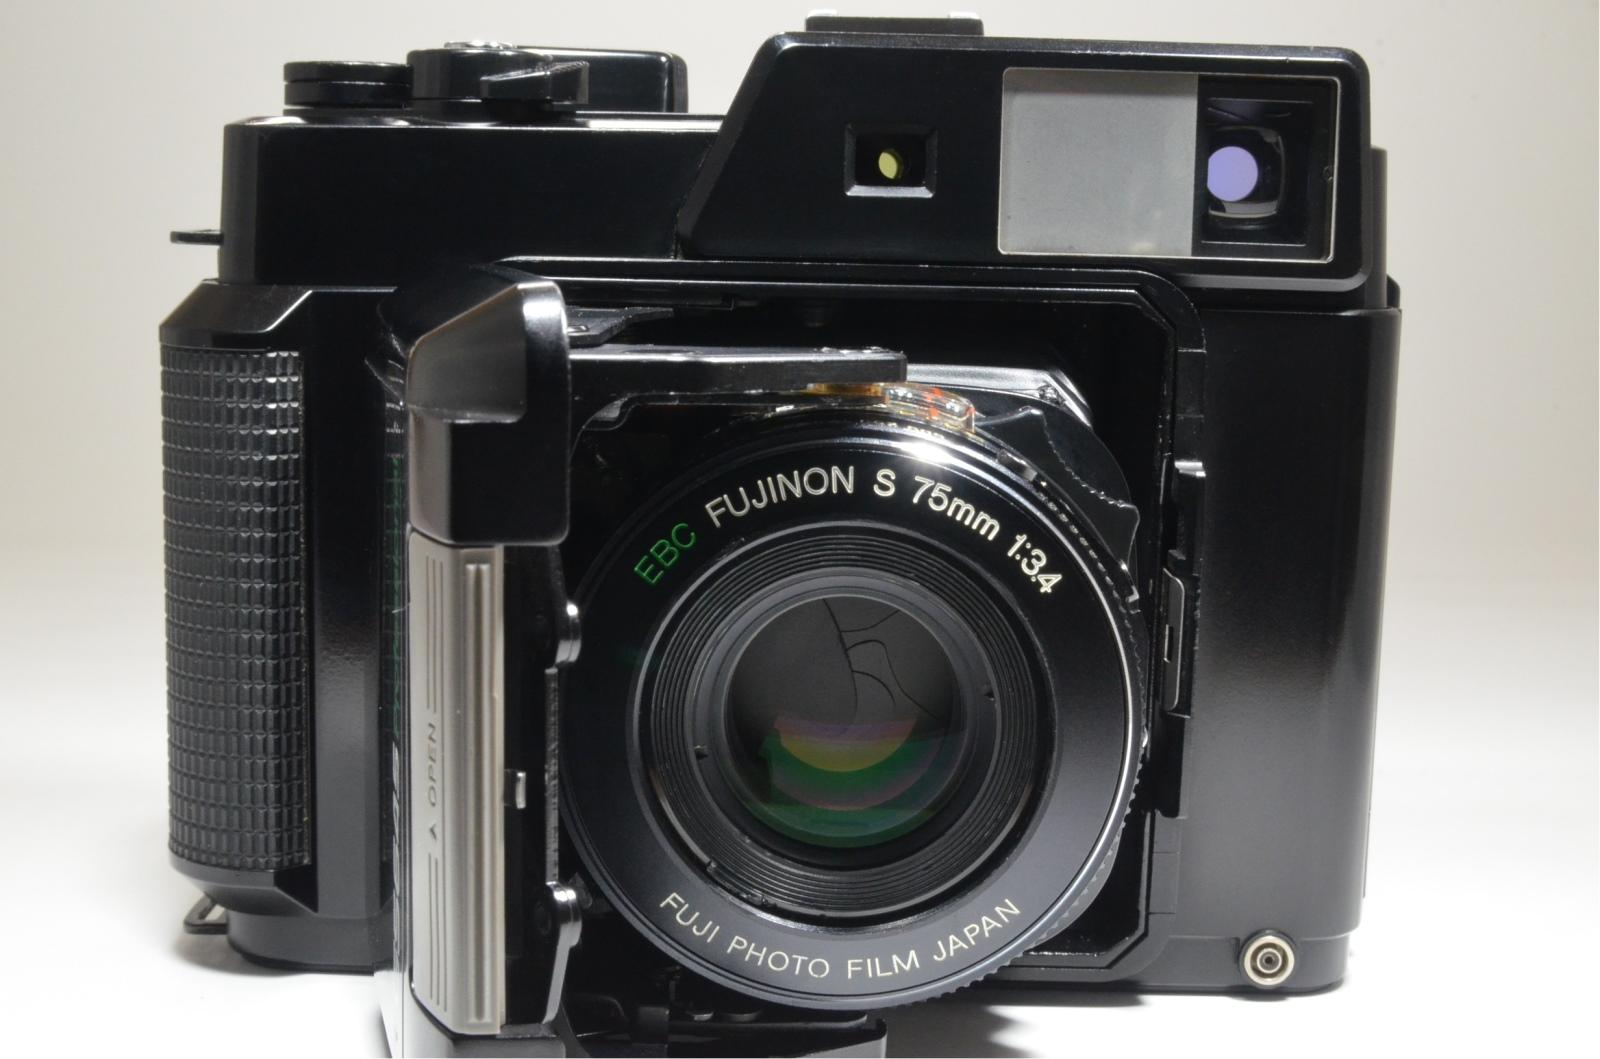 fujifilm fujica gs645 film camera 75mm f3.4 from japan